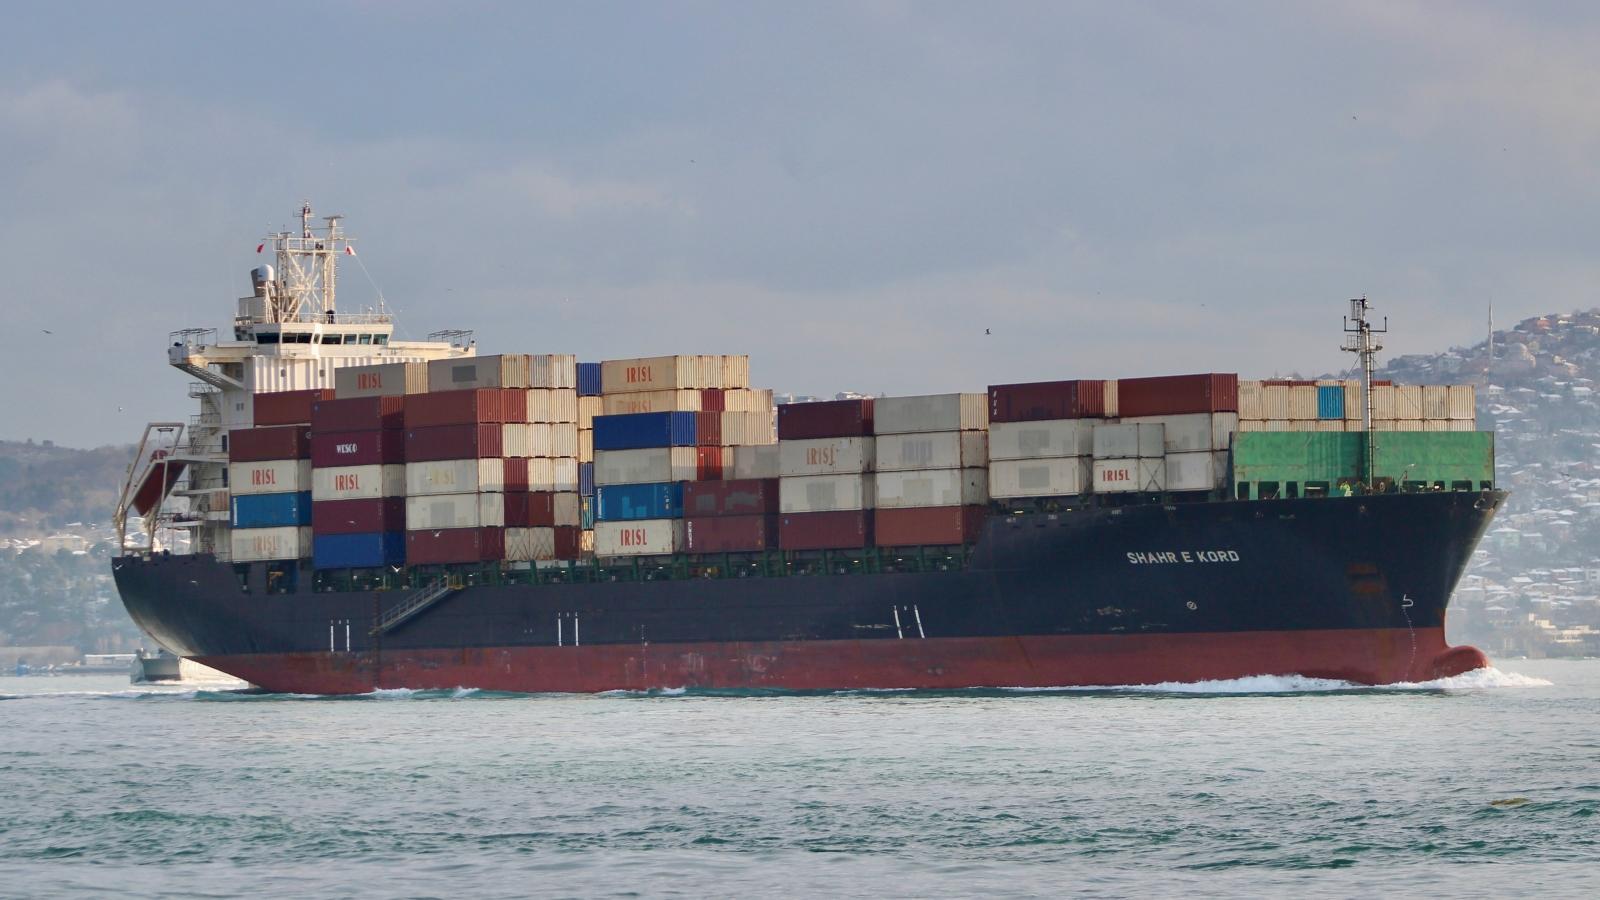 Iran nghi ngờ Israel tiến hành vụ tấn công tàu chở hàng ở Địa Trung Hải